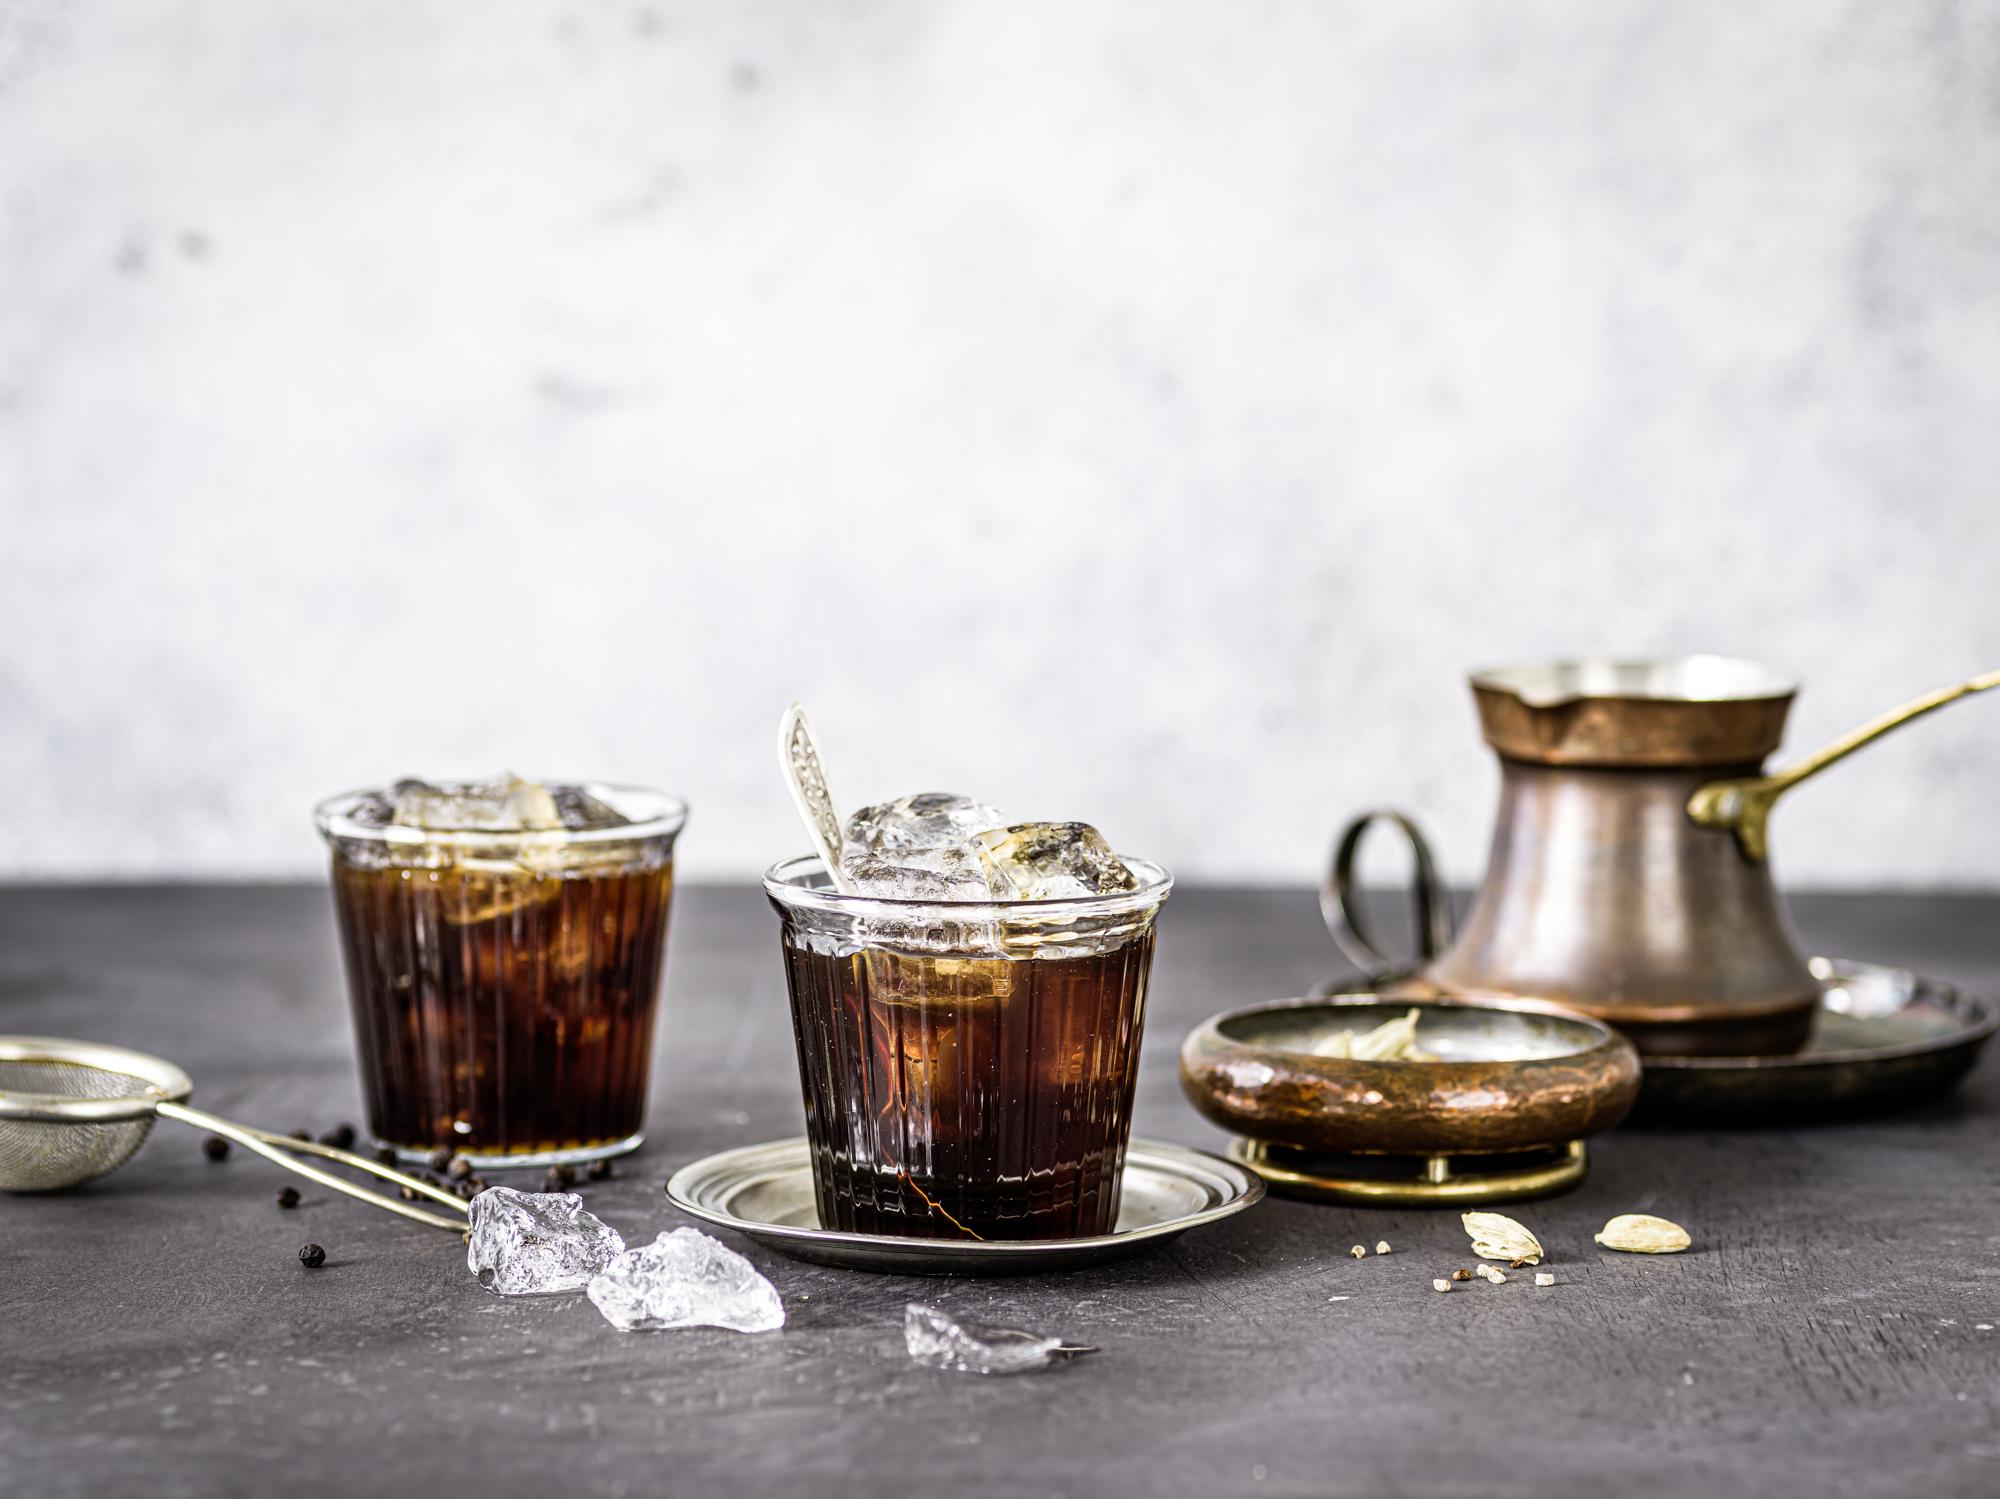 Kaffee-Fotografie   Stefan Schmidlin Fotograf Basel, Bild 2.jpg